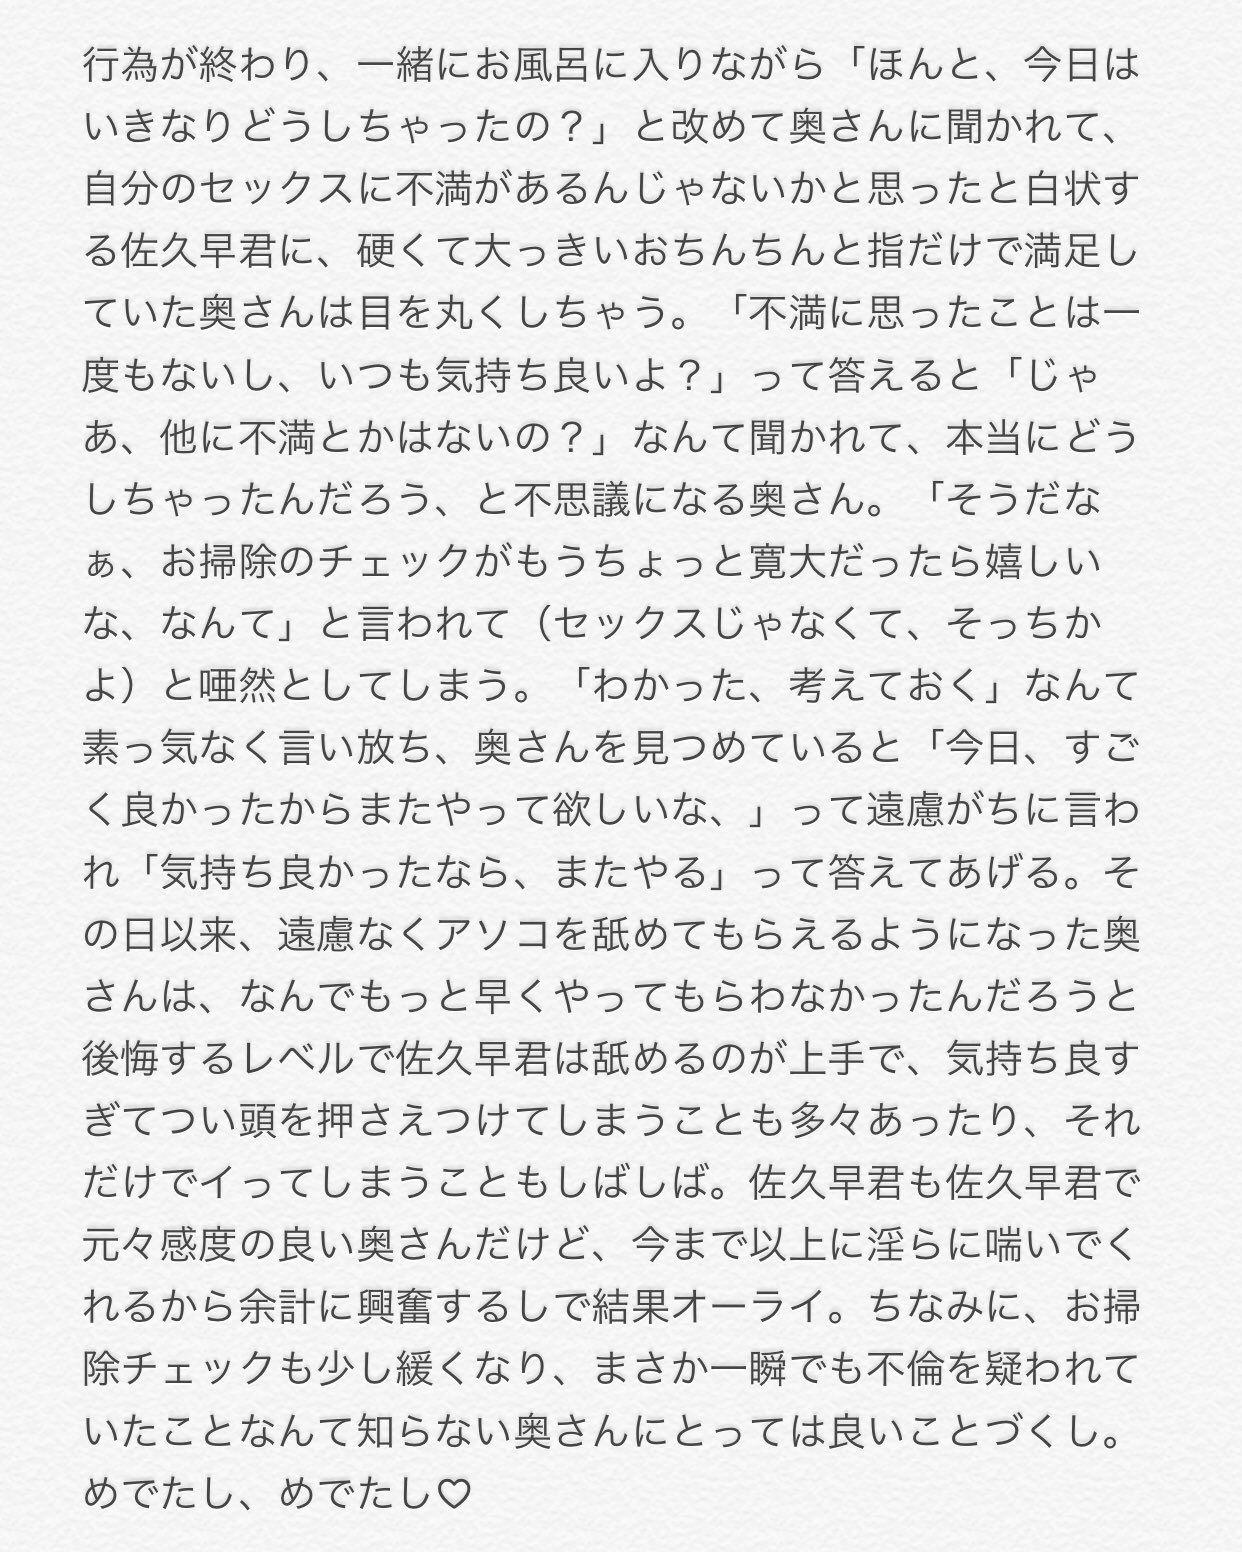 編集 ハイキュー 夢 小説 短